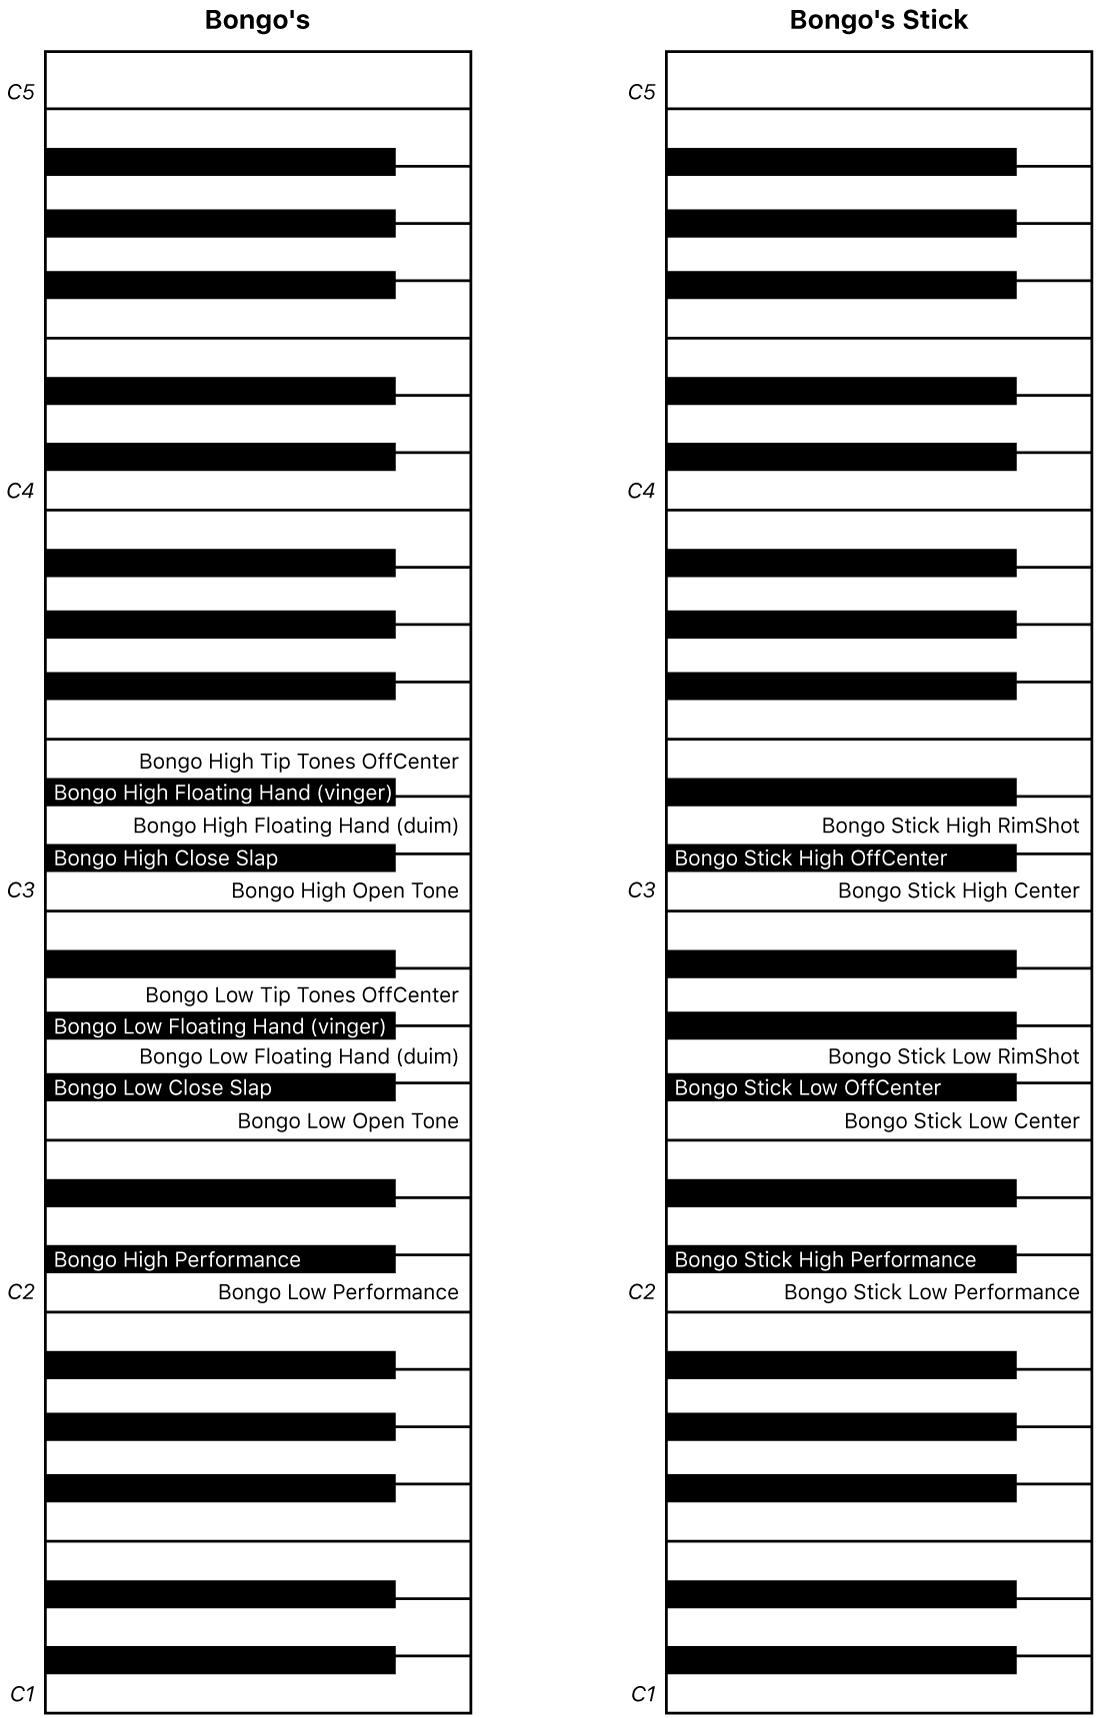 Afbeelding. Keyboardtoewijzing van Bongo's- en Bongo's Stick-uitvoering.